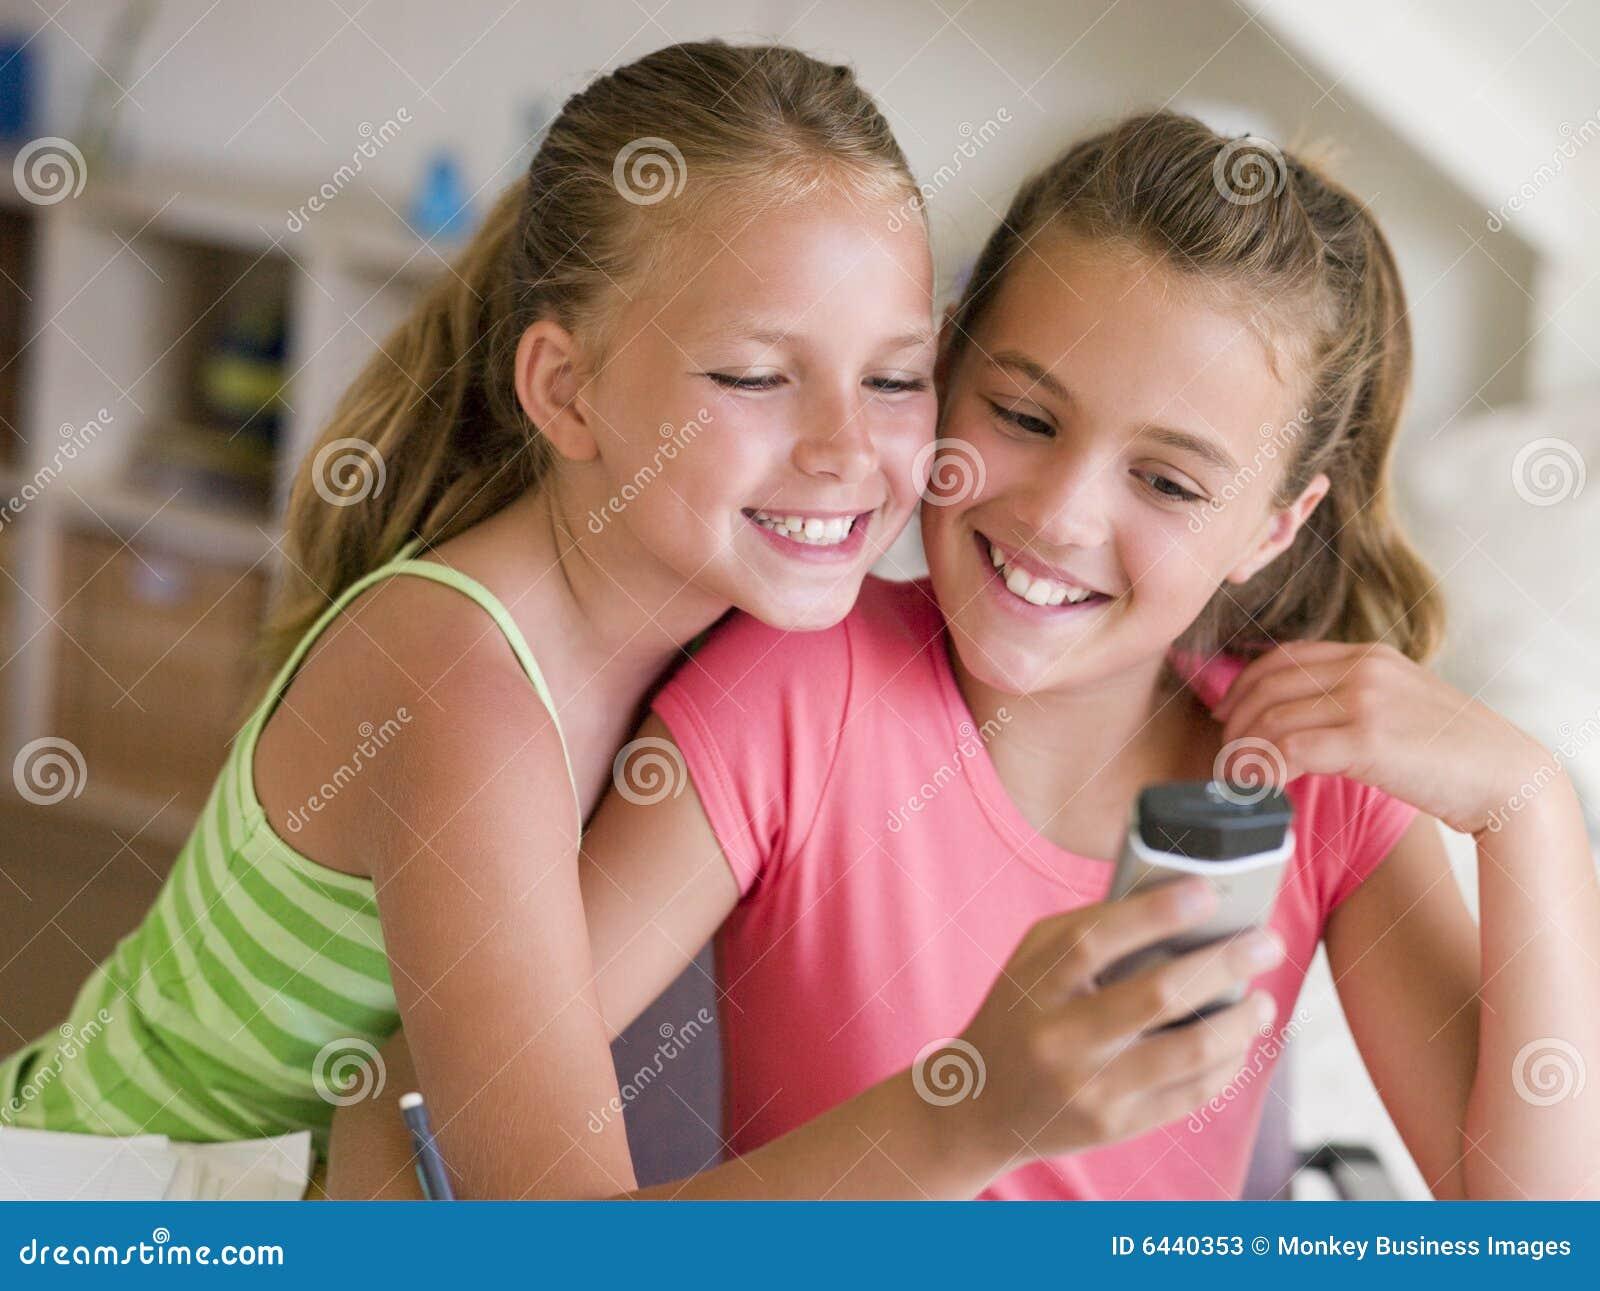 junge m dchen die mit einem mobiltelefon spielen stockbild bild 6440353. Black Bedroom Furniture Sets. Home Design Ideas